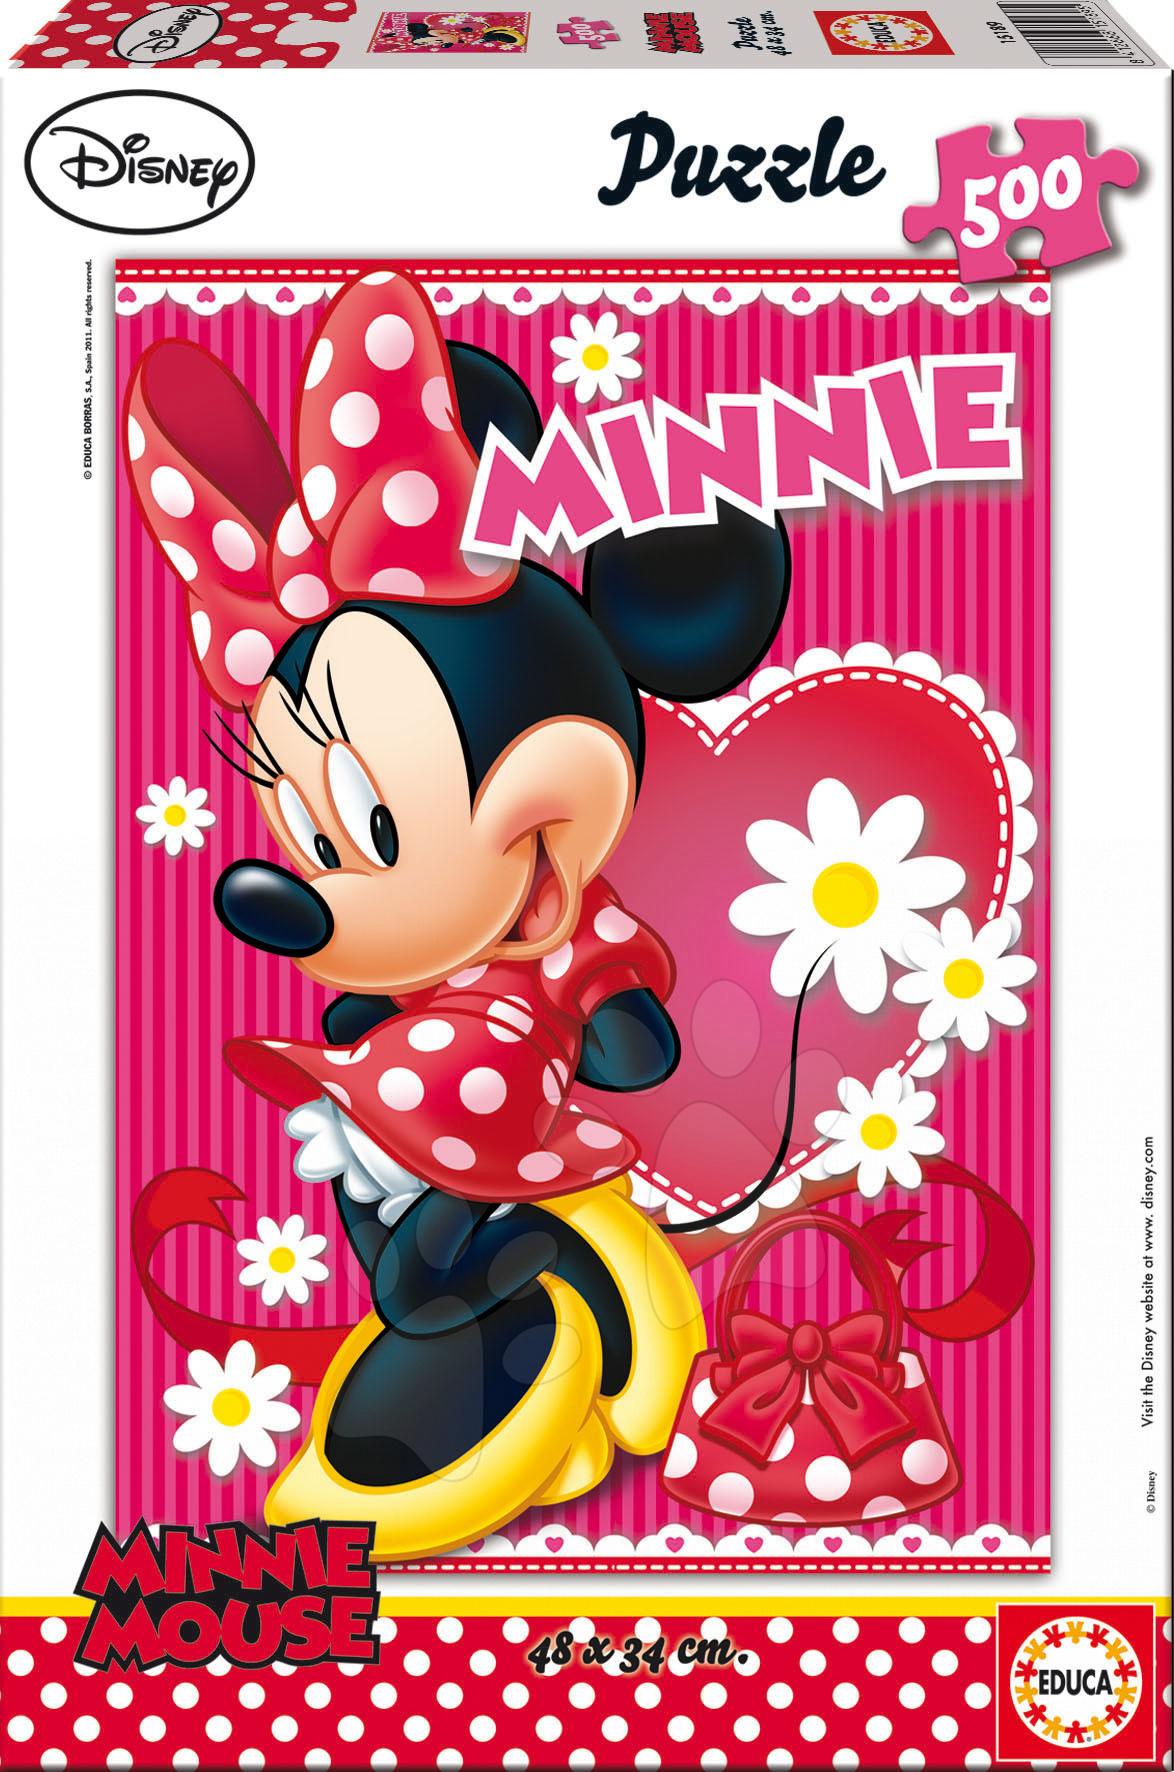 Puzzle 500 dielne - Puzzle Disney Rodina Minnie Mouse Educa 500 dielov od 11 rokov